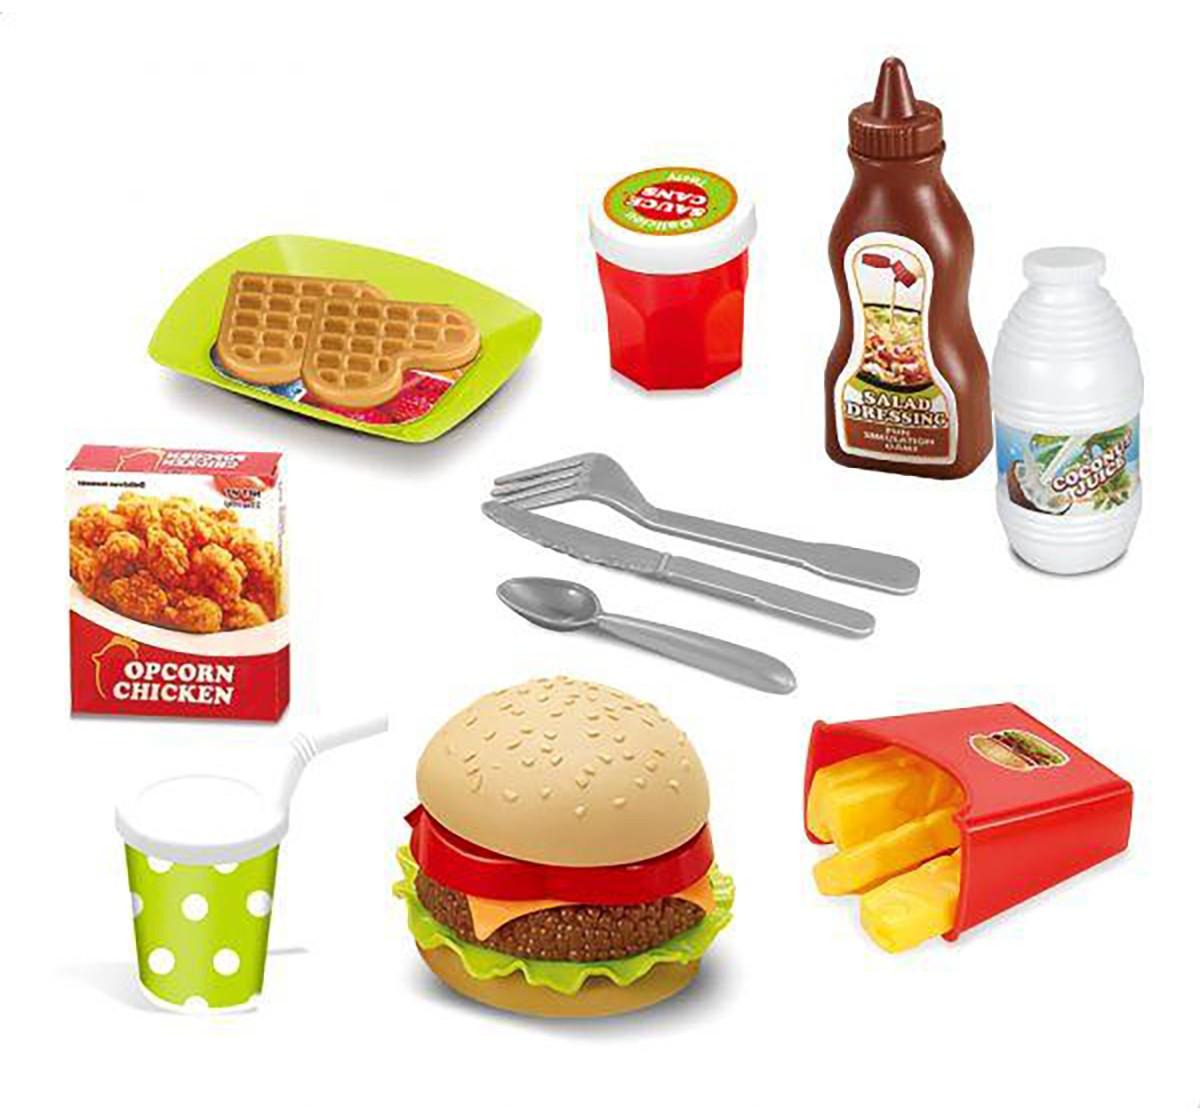 Comdaq Burger Set for Kids age 3Y+